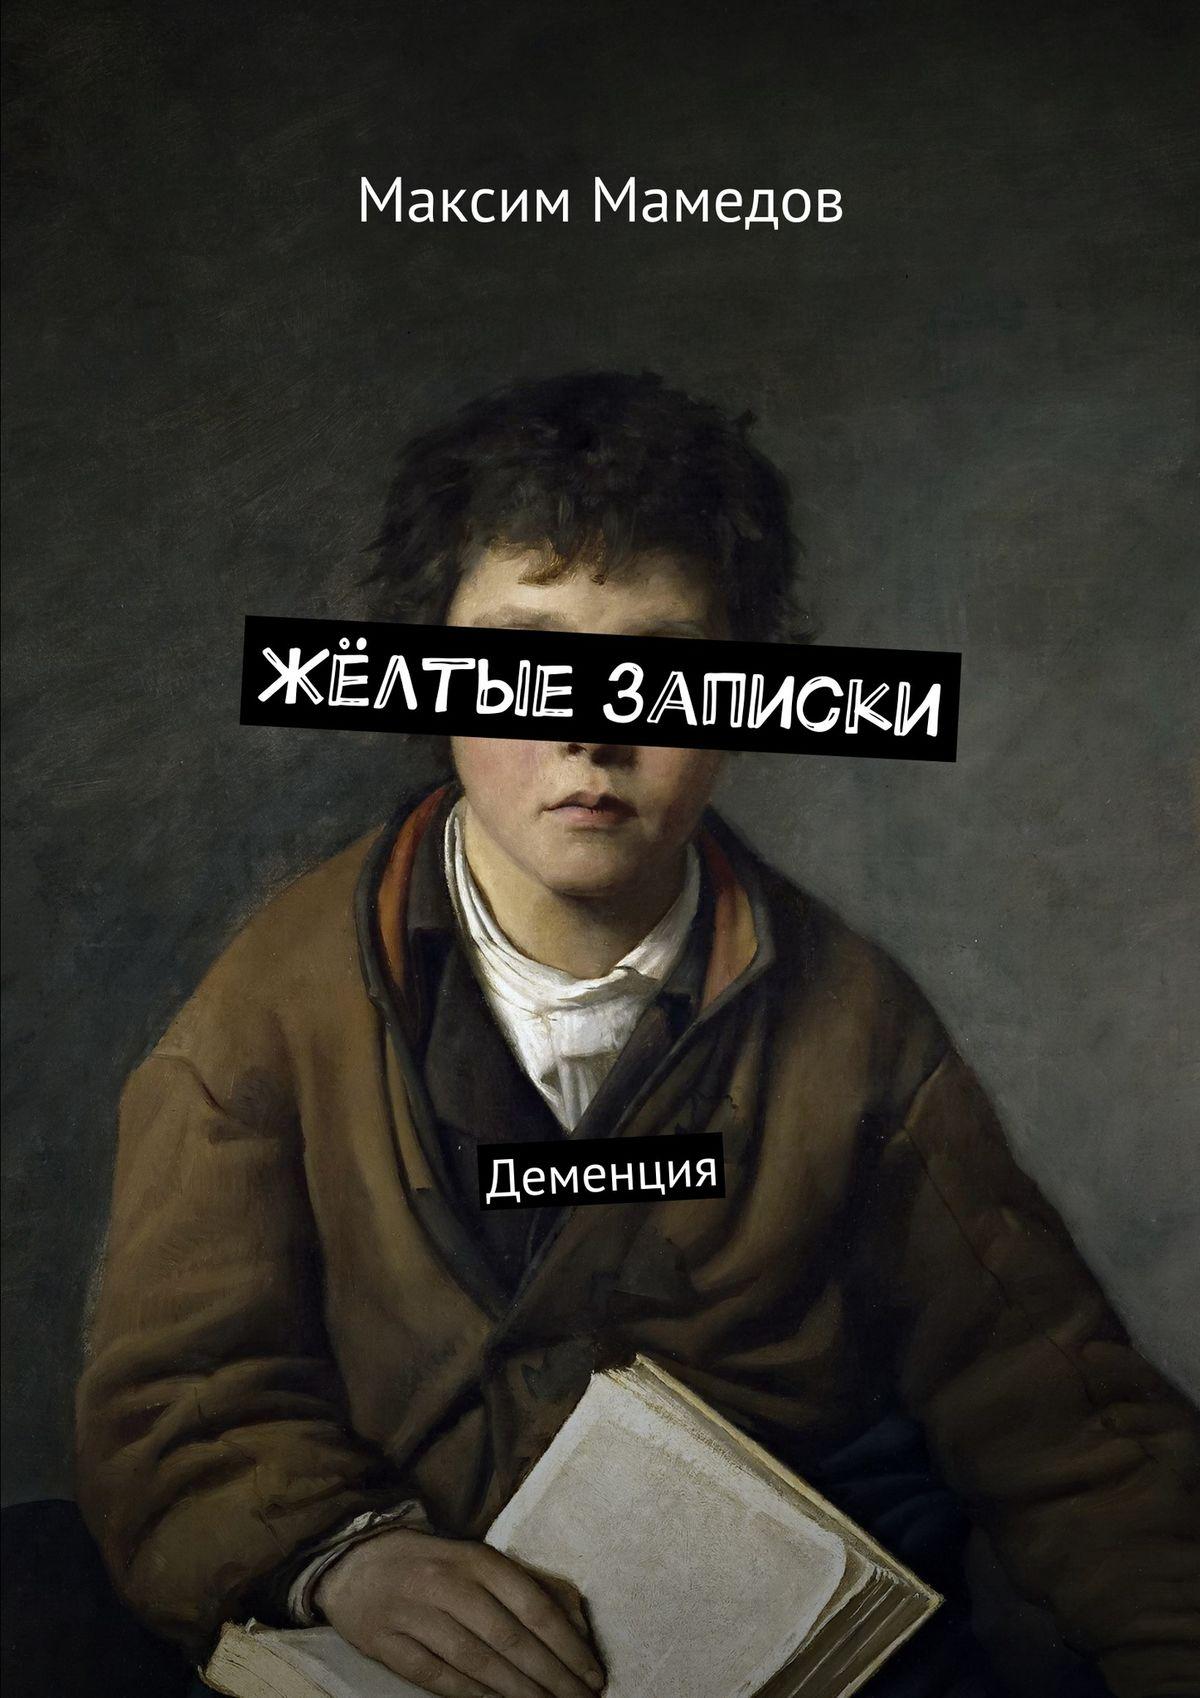 Максим Мамедов Жёлтые записки. Деменция